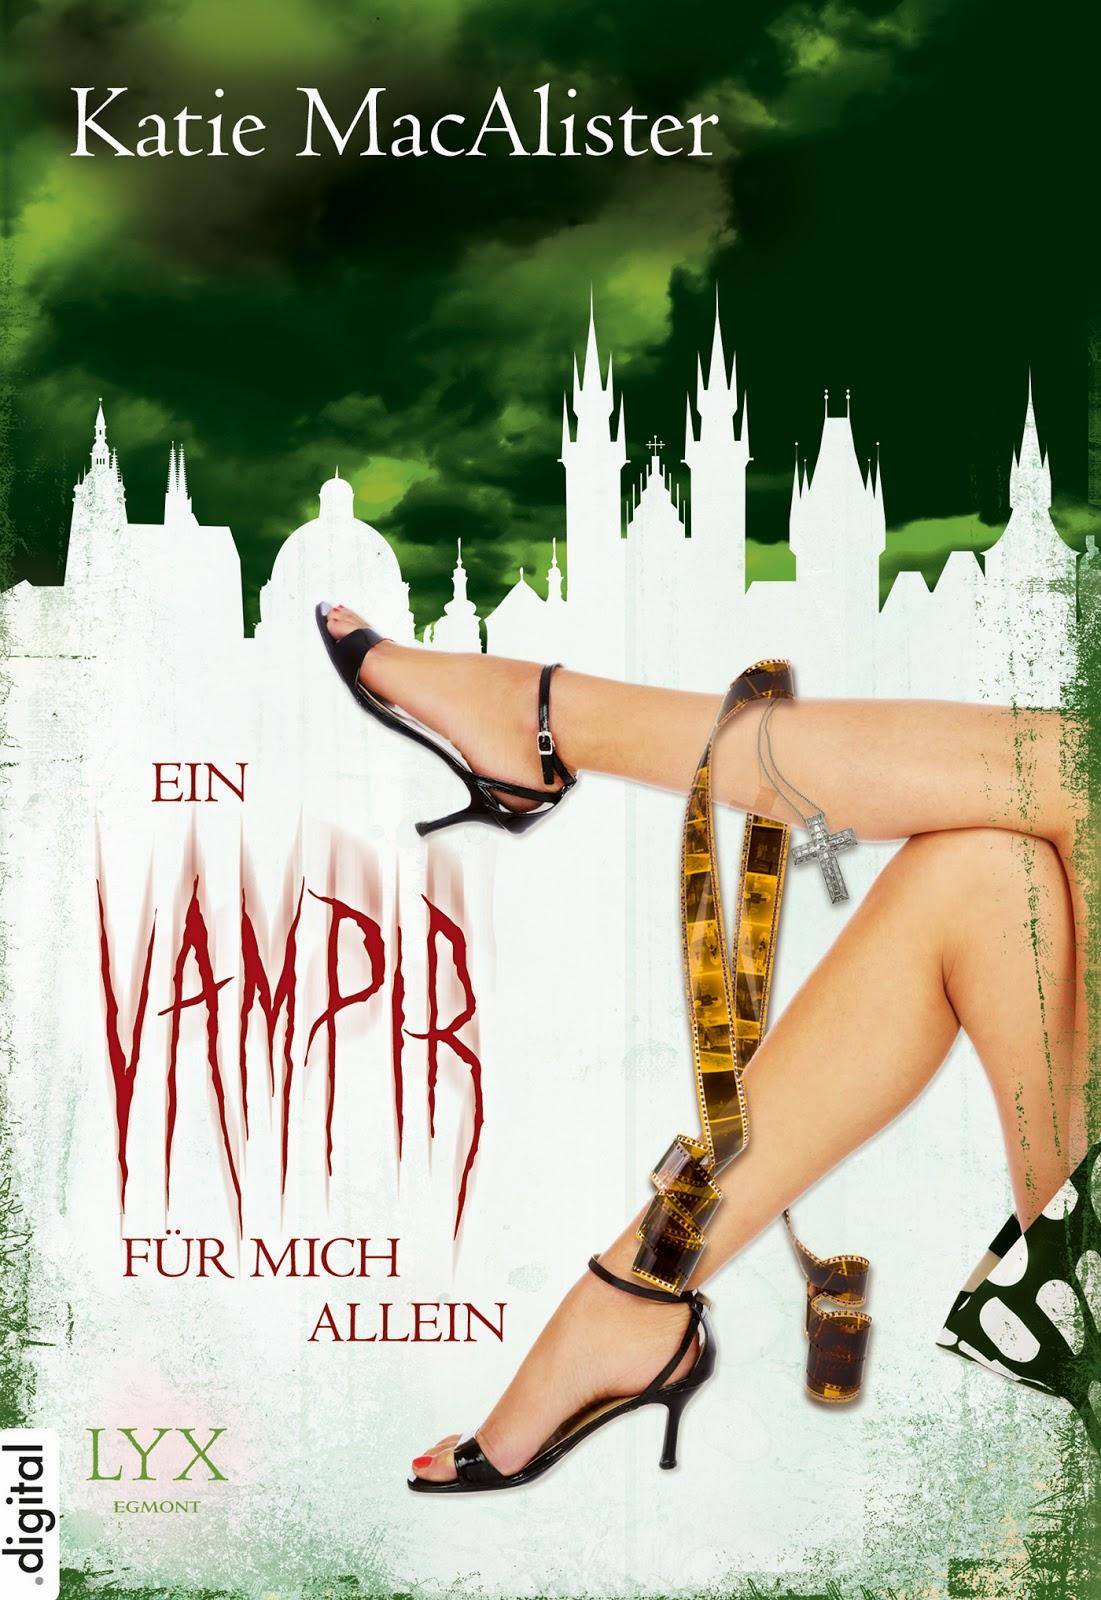 http://www.egmont-lyx.de/buch/ein-vampir-fuer-mich-allein/